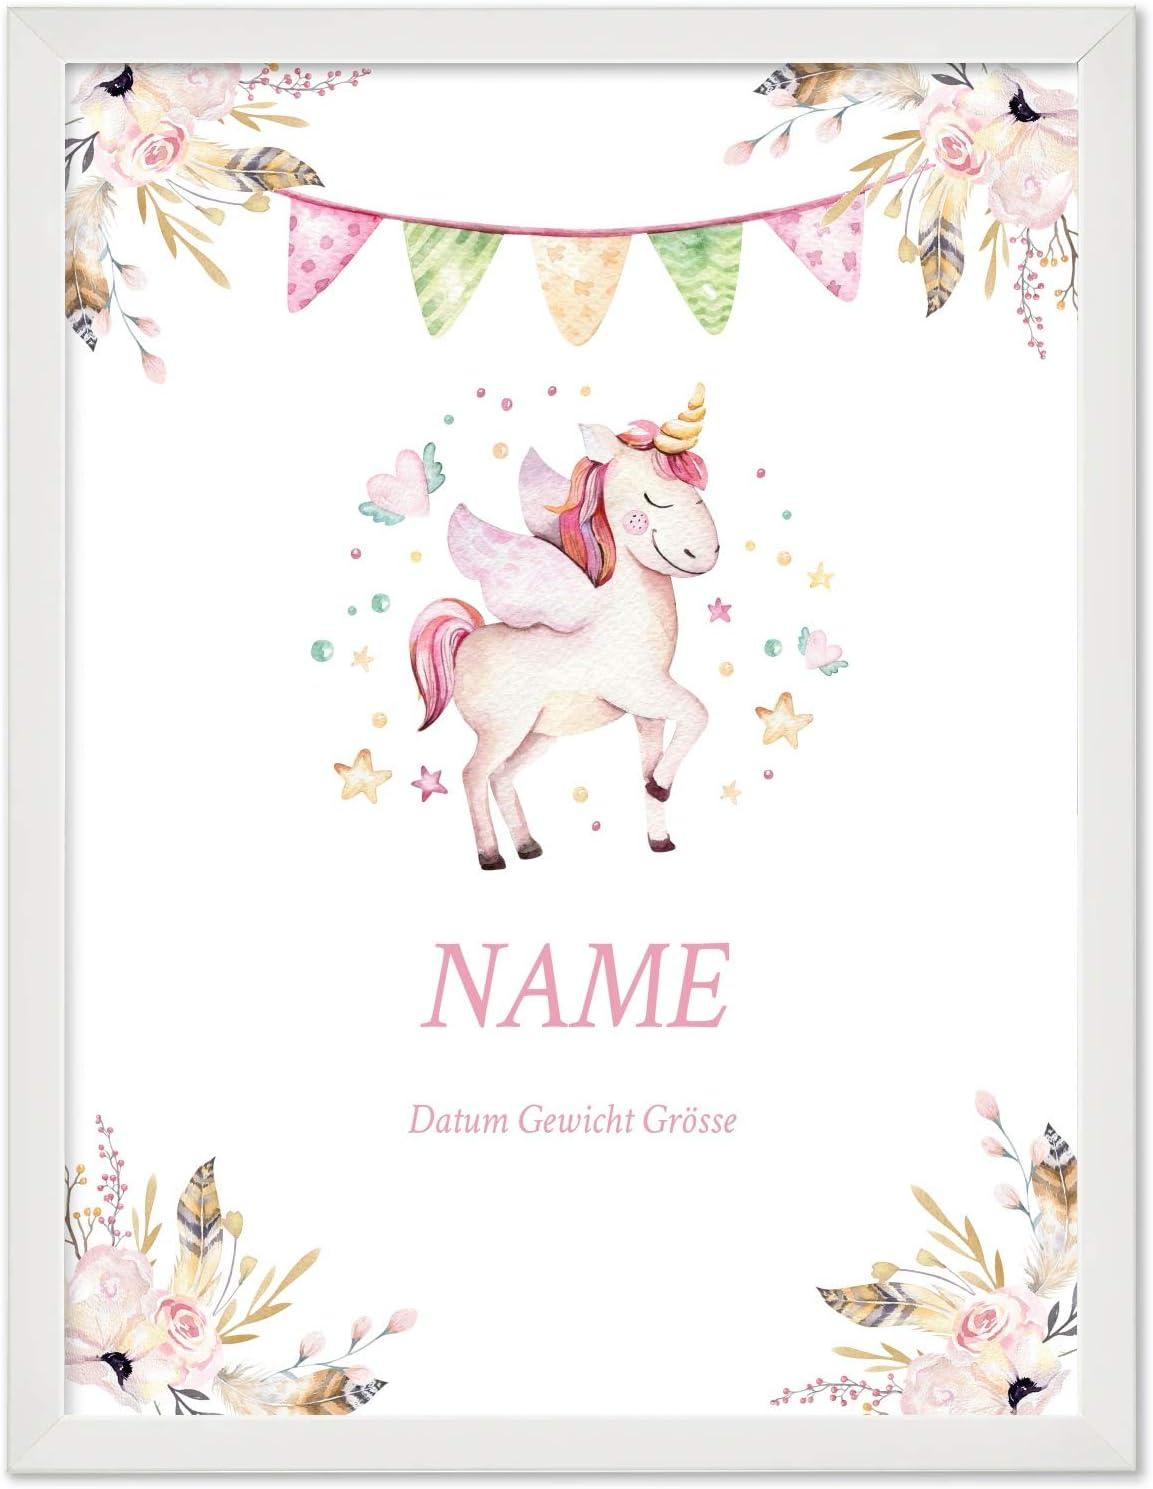 zur Baby Geburt oder Taufe wei/ß Poster 40x30 cm mit Wunsch-Name und Datum Personalisiertes Geschenk BILD MIT RAHMEN Motiv Einhorn f/ür M/ädchen